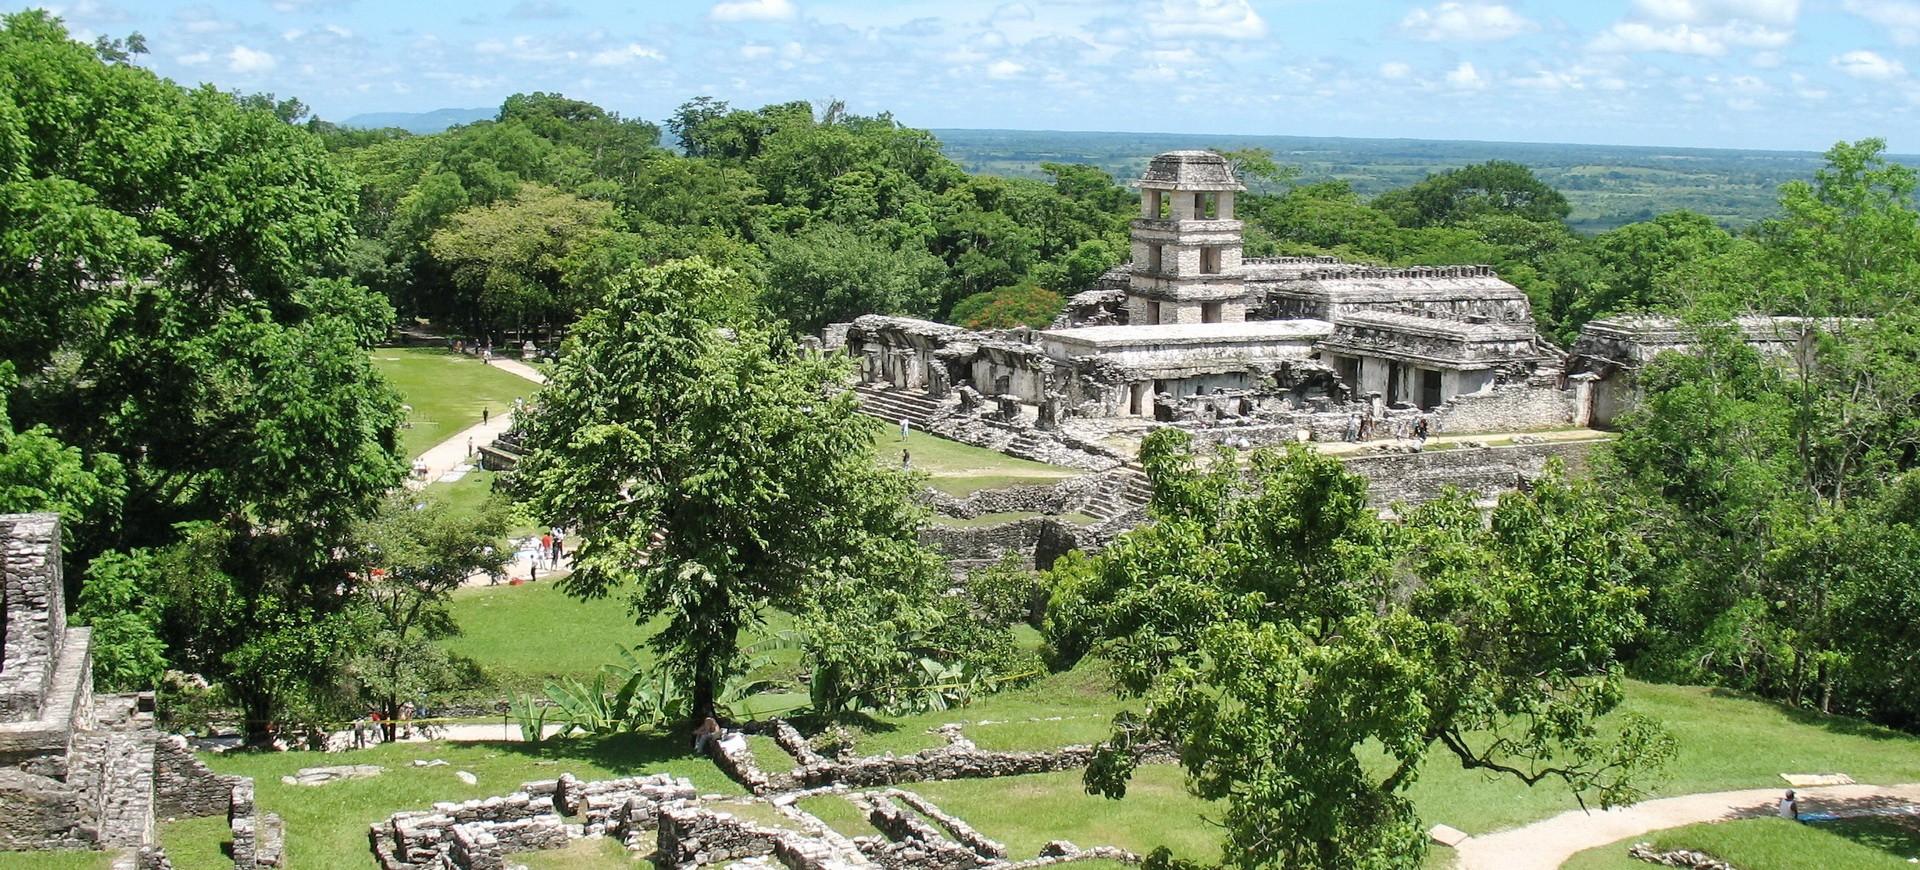 Amérique Centrale Mexique Palenque site Aztèque